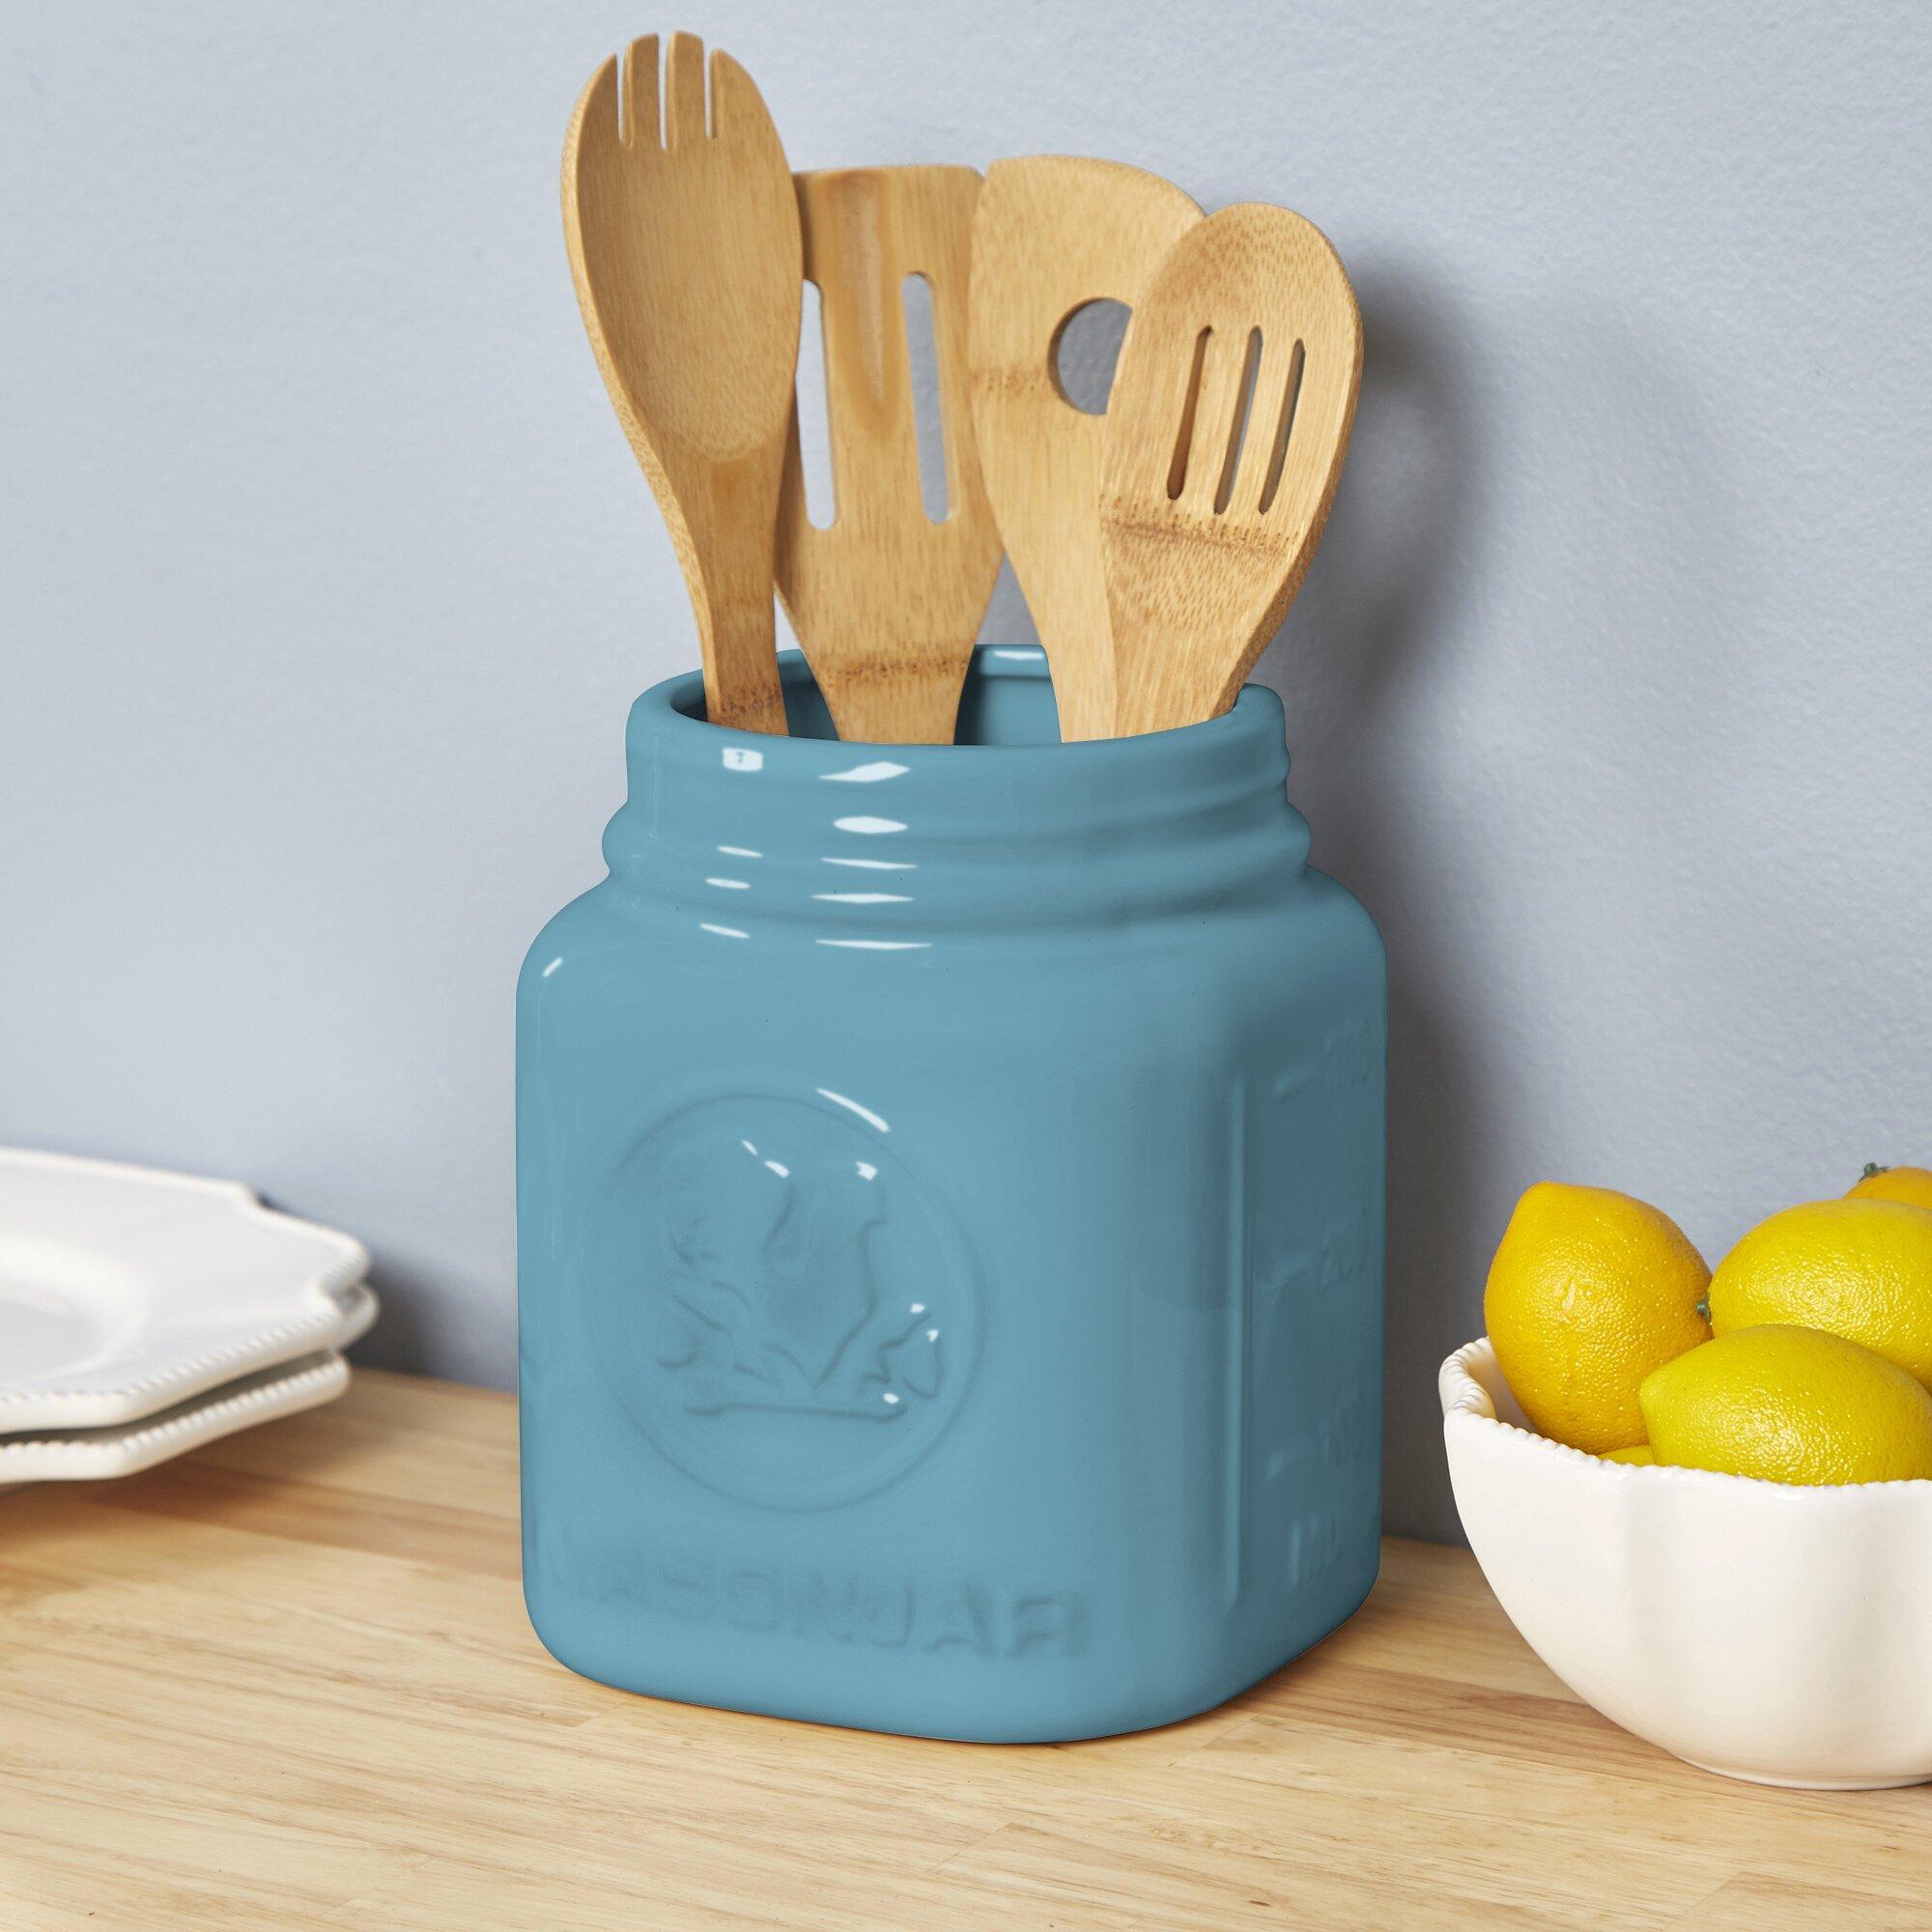 utensil holders - utensil crocks holders you'll love wayfair